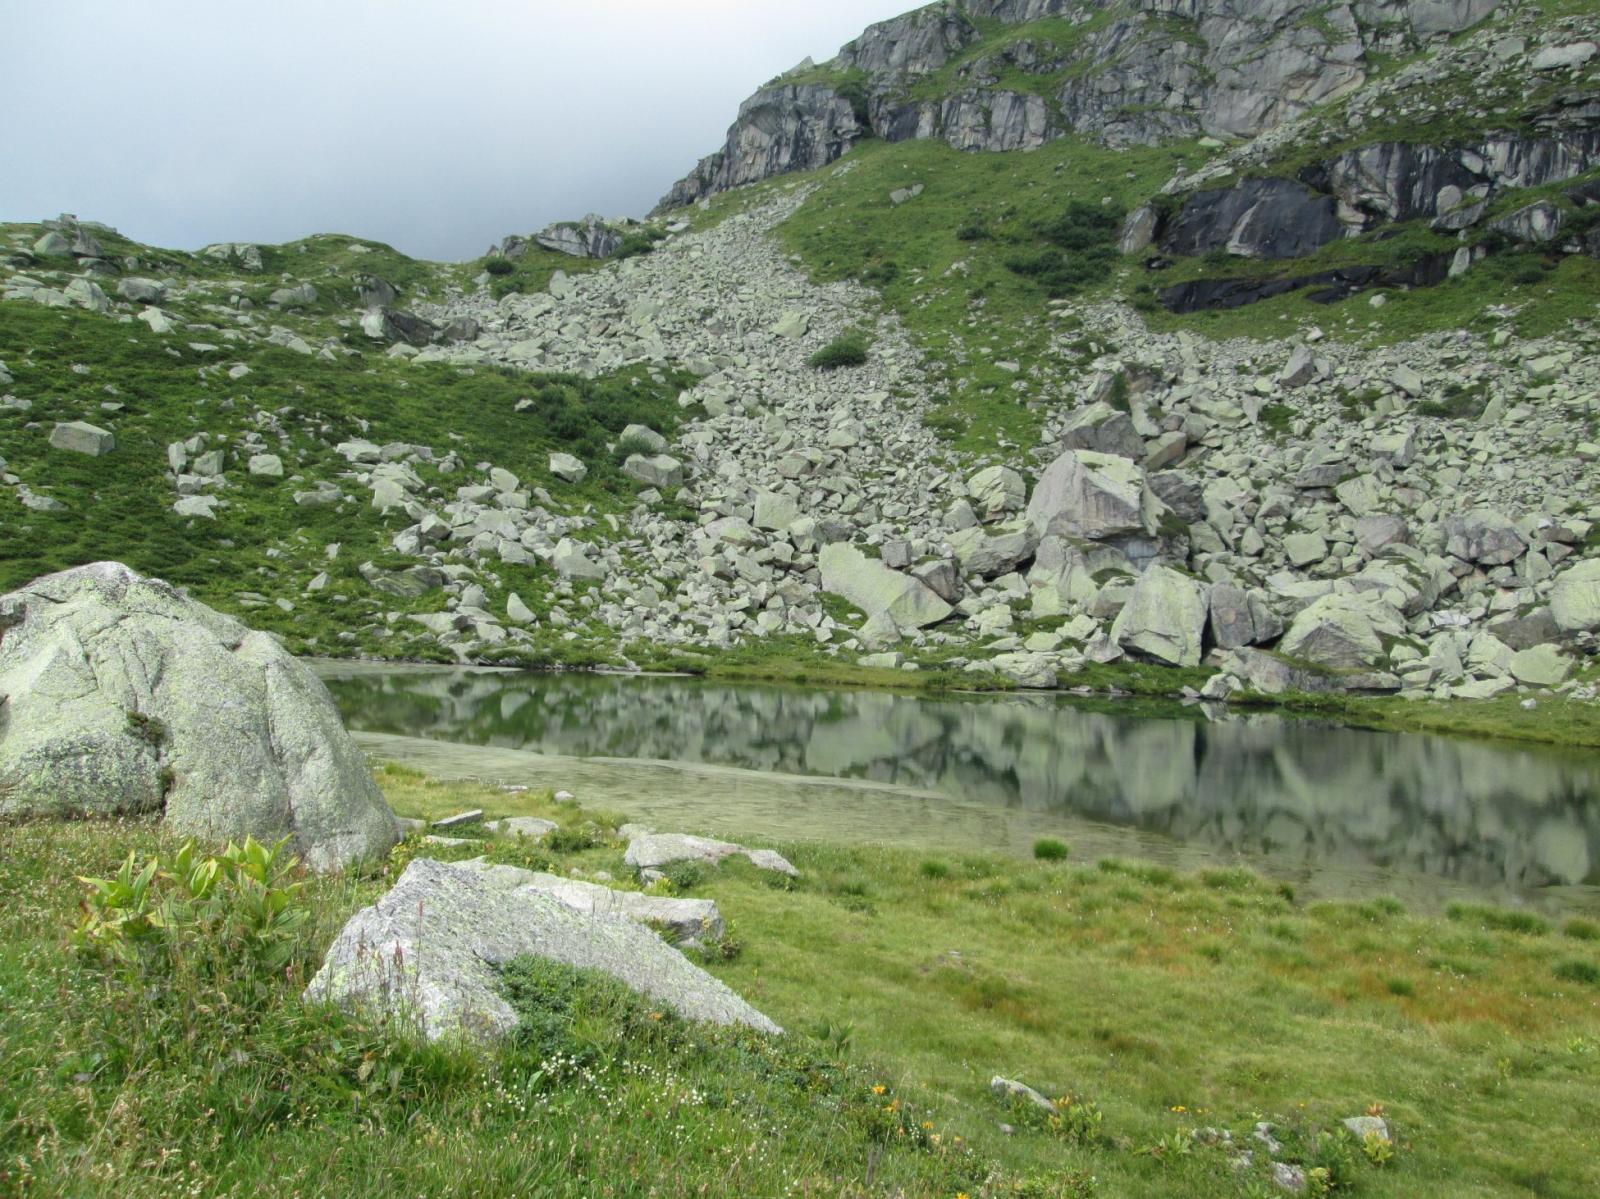 lago piccolo di Sagnasse